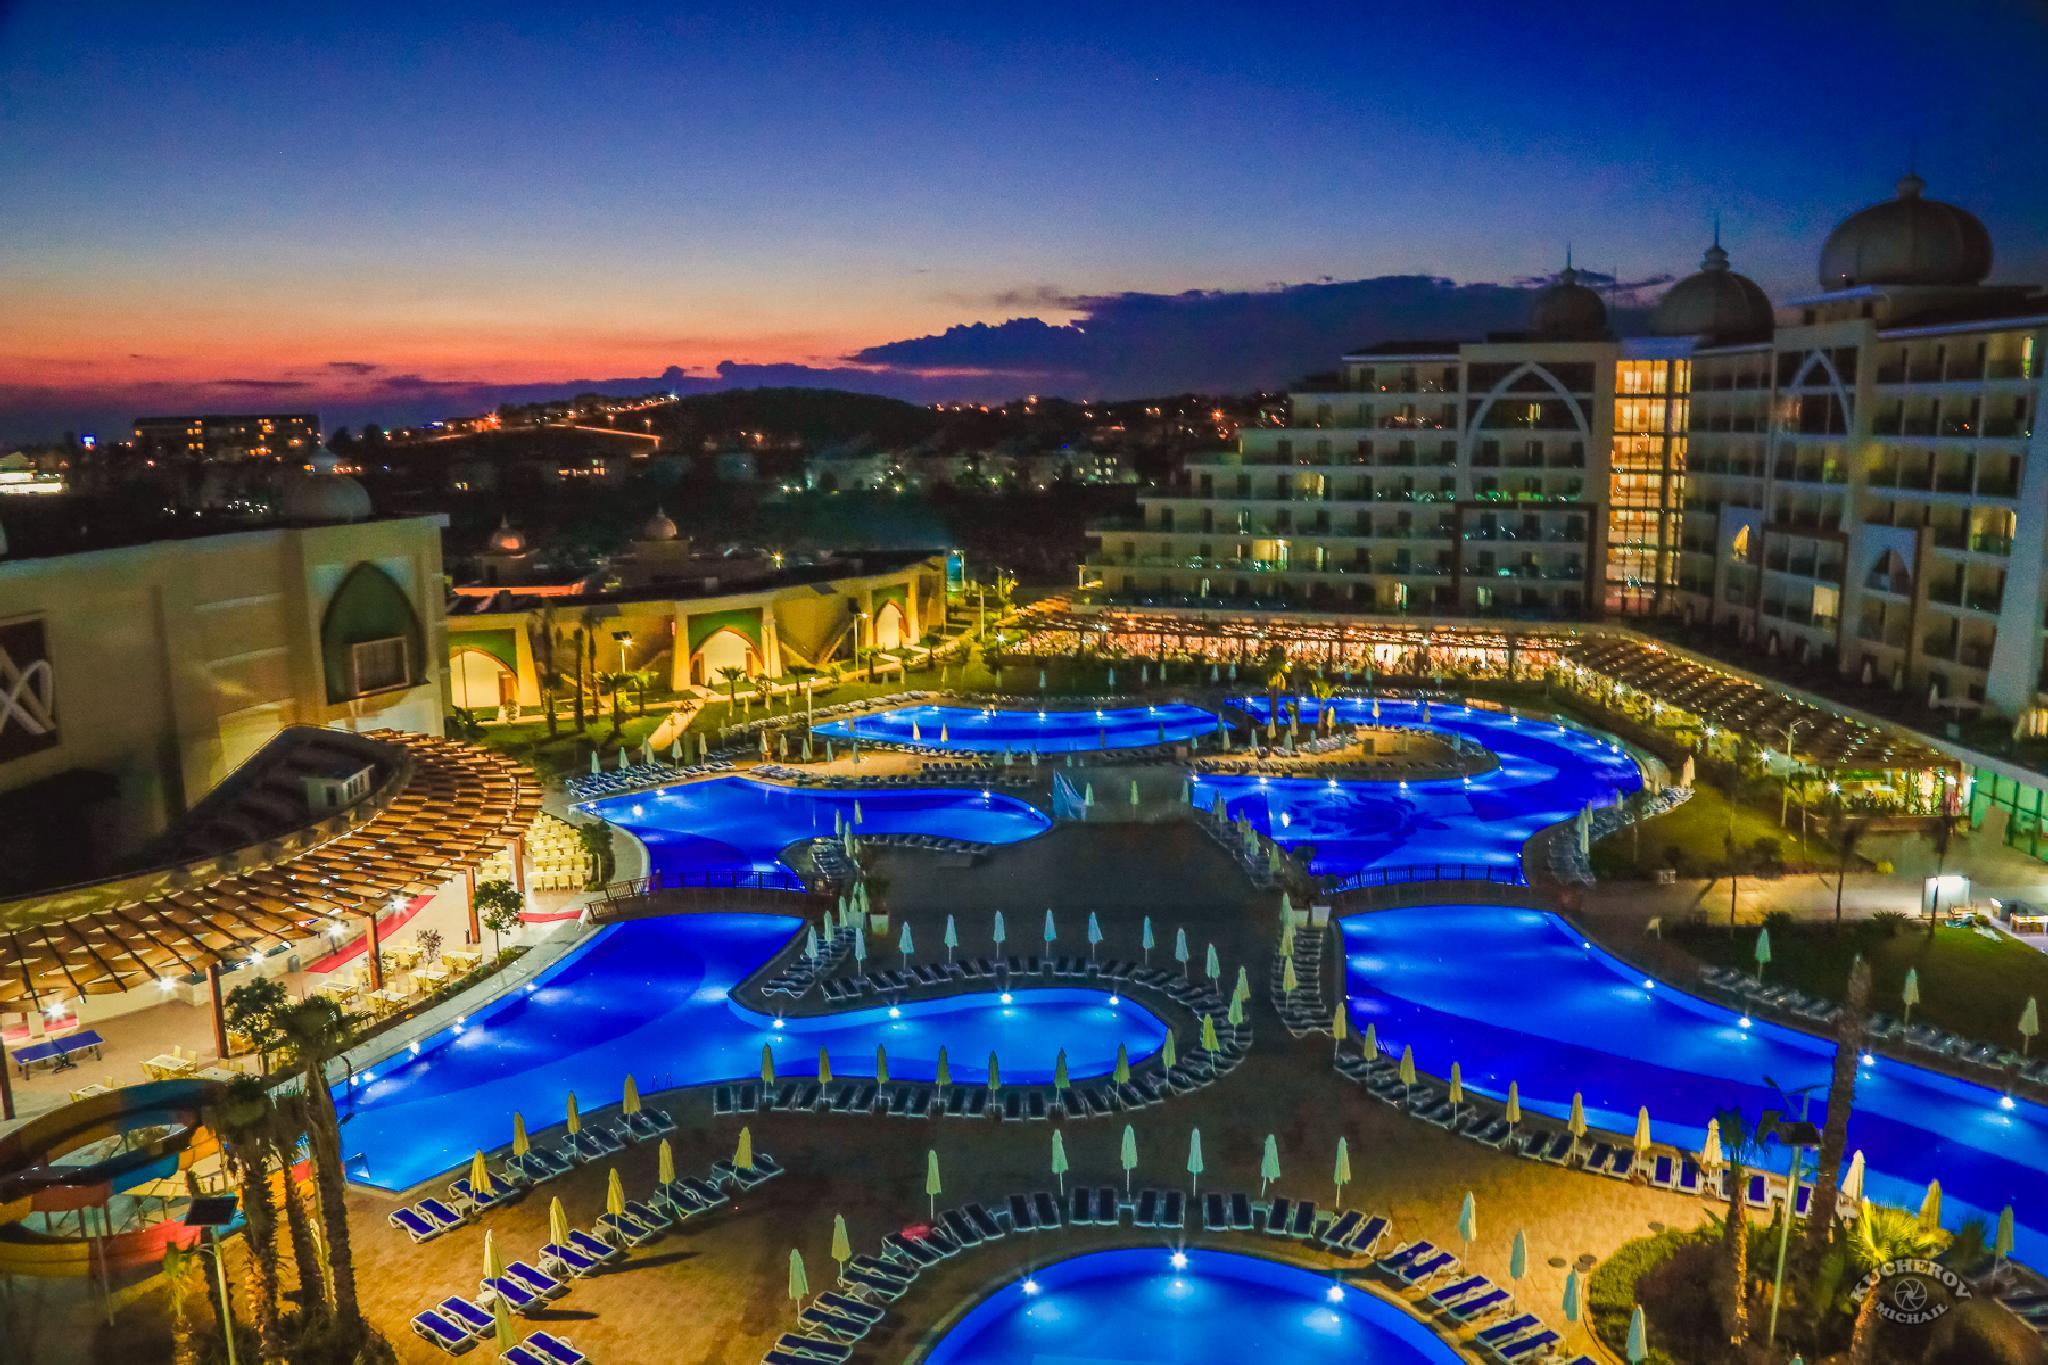 hotel by Michail Kucherov